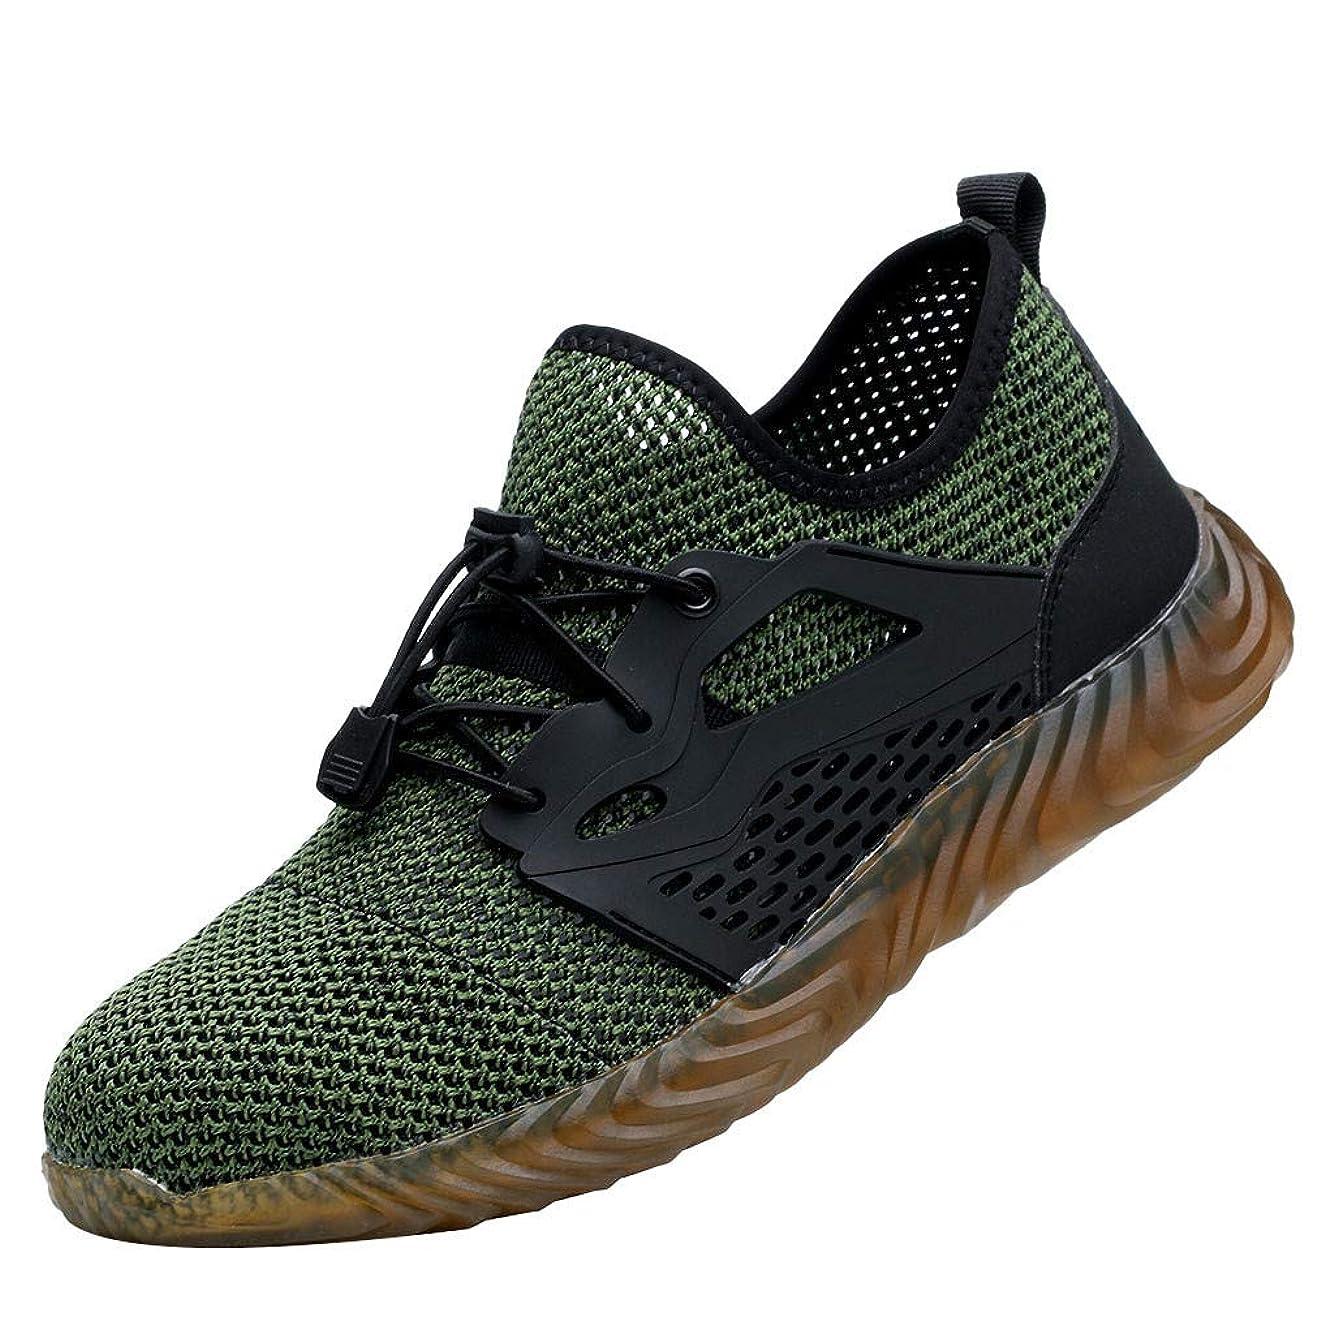 委託イタリック想定[XIAYE] 安全靴 作業靴 サンダルタイプ スニーカー メンズ 軽量 通気 夏 メッシュ スニーカー 登山靴